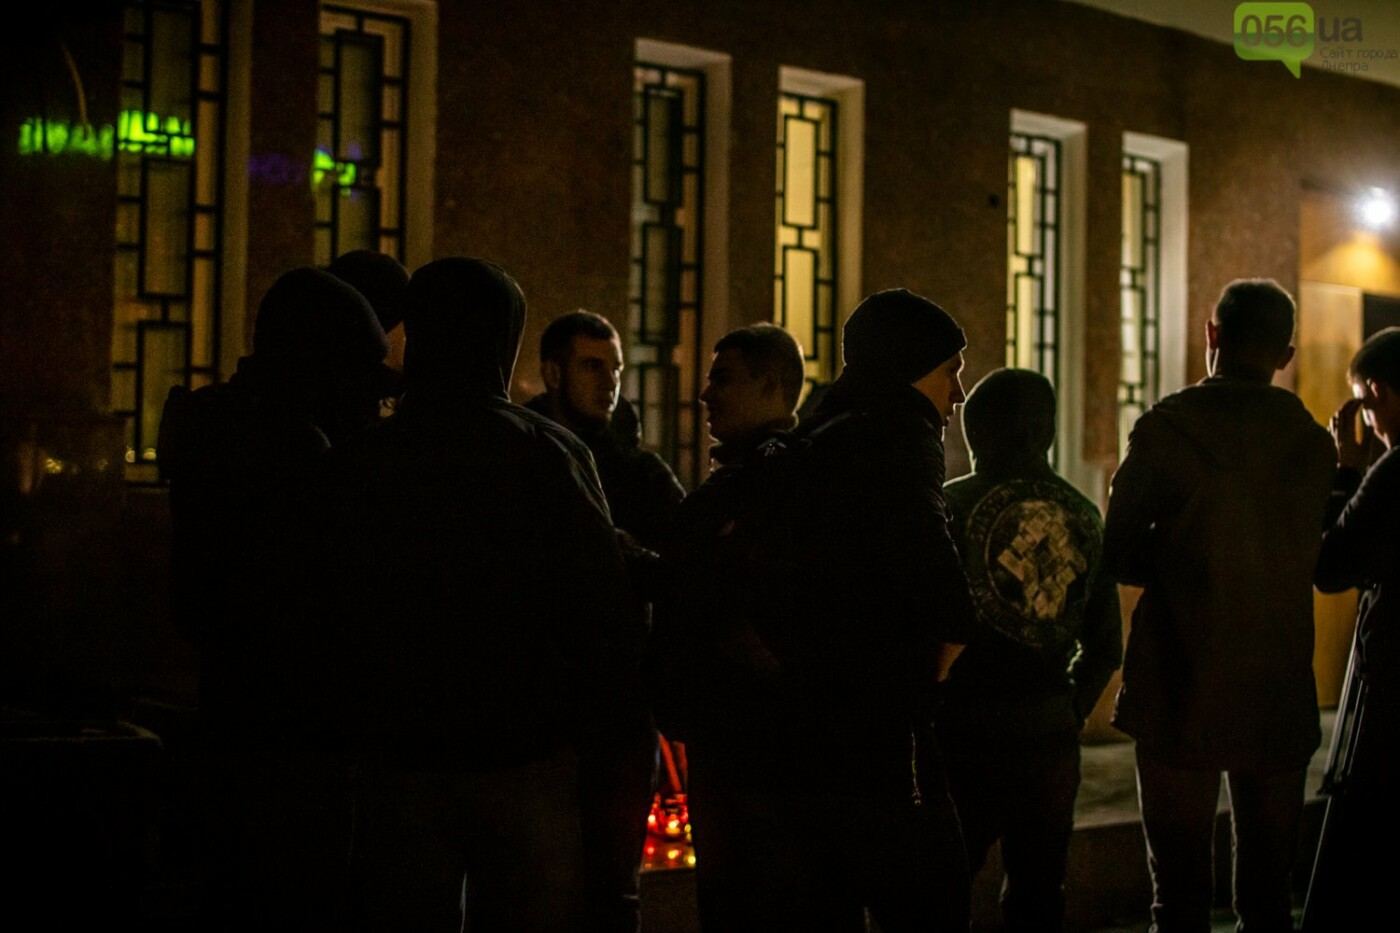 «Чтобы полиция передала «привет» на Киев»: в Днепре прошел вечер памяти погибшей активистки Кати Гандзюк, - ФОТО, ВИДЕО, фото-7